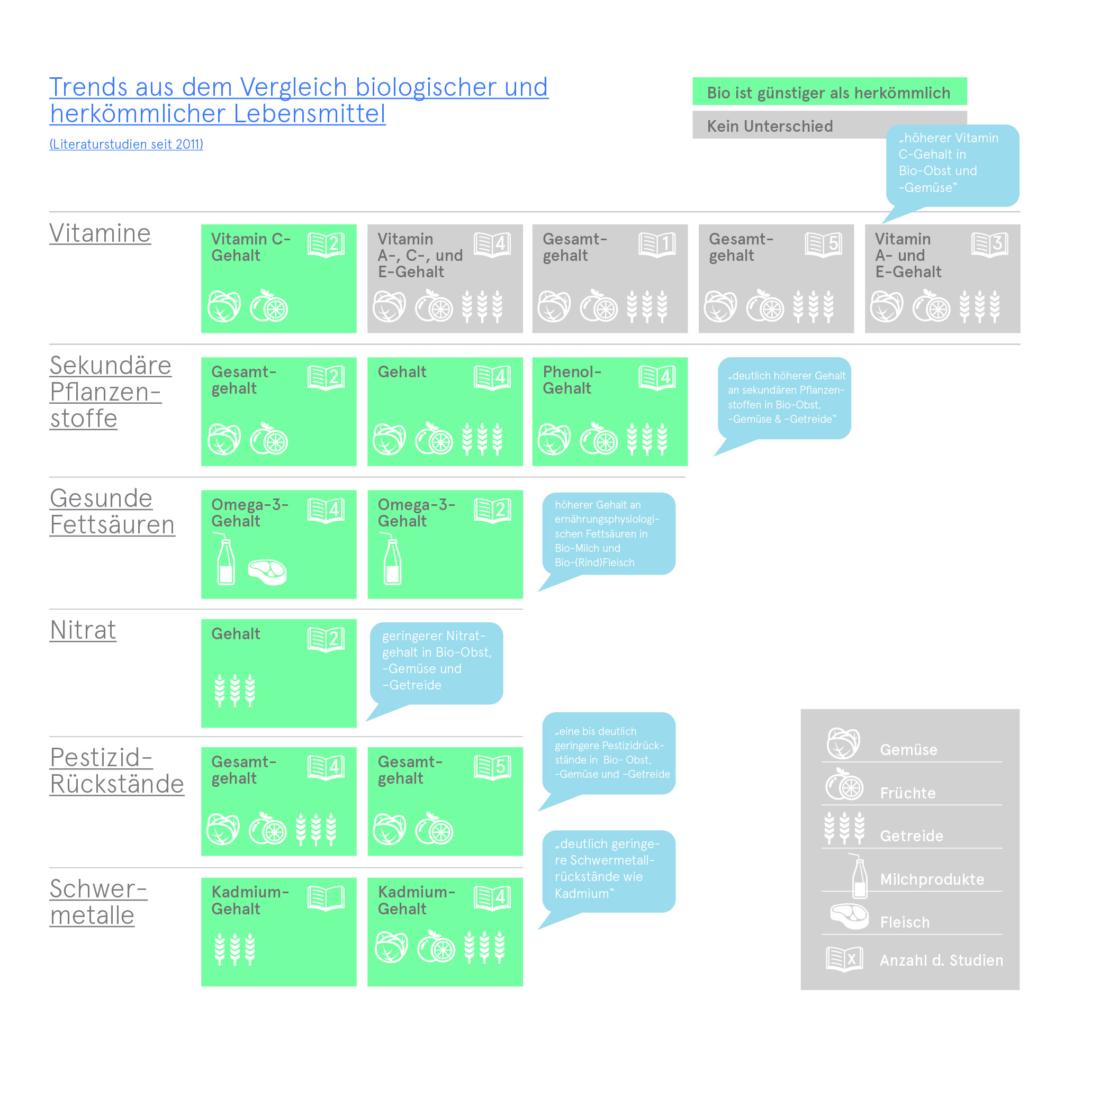 Produktqualität Von inneren Werten, Bio 3.0, #biodreinull, Wissensvisualisierung, FiBL, dform, SCR